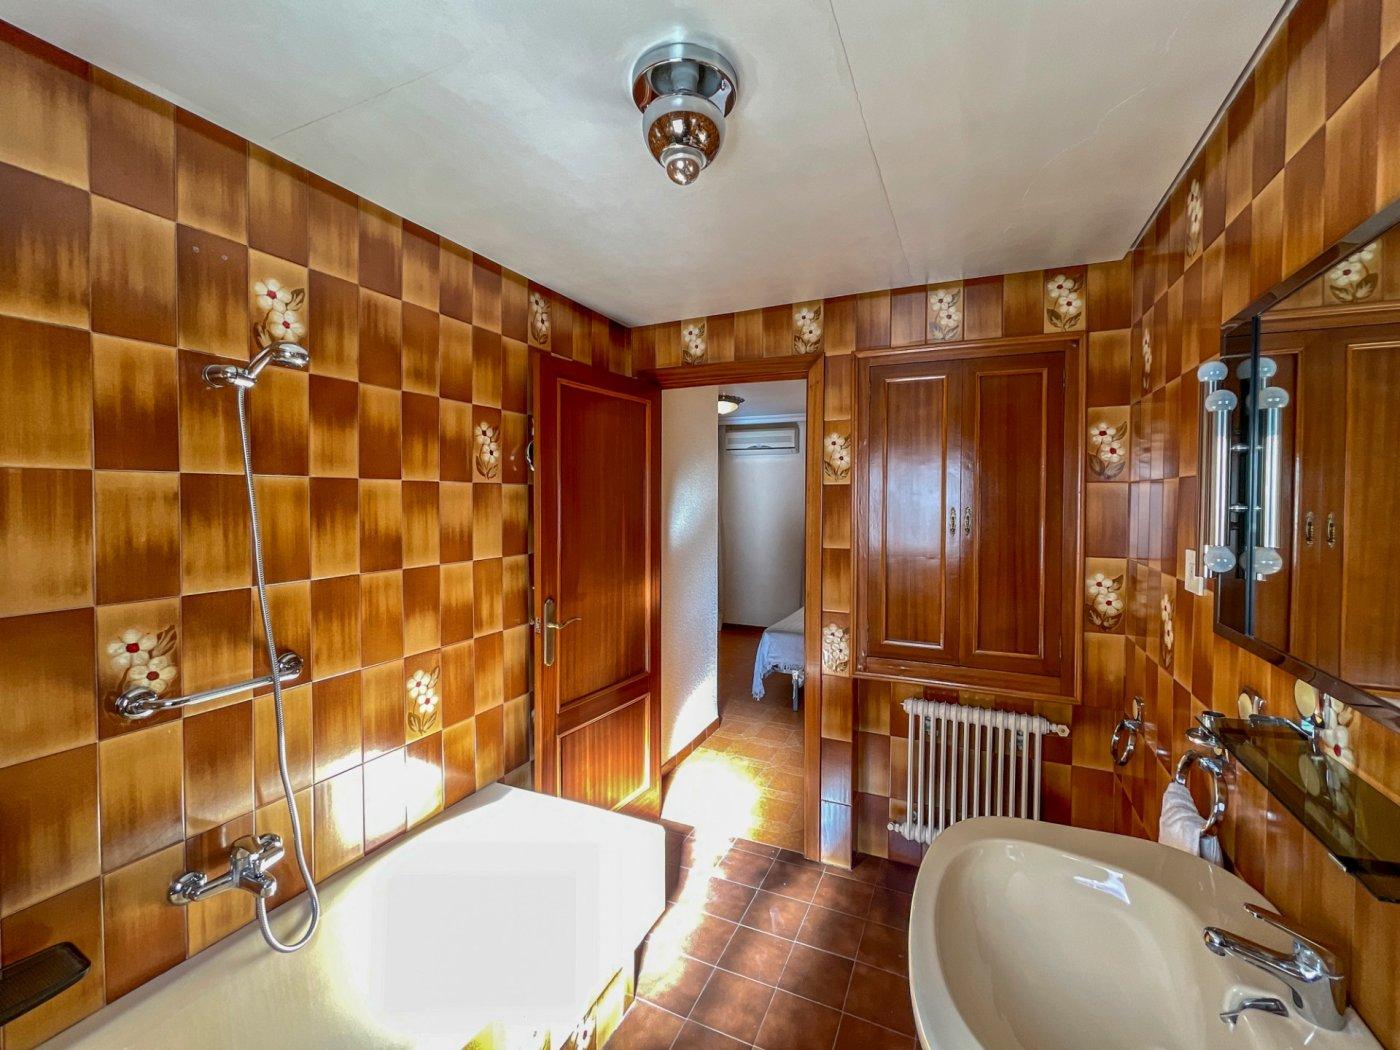 Magnifica casa con garaje en centro de onil - imagenInmueble24